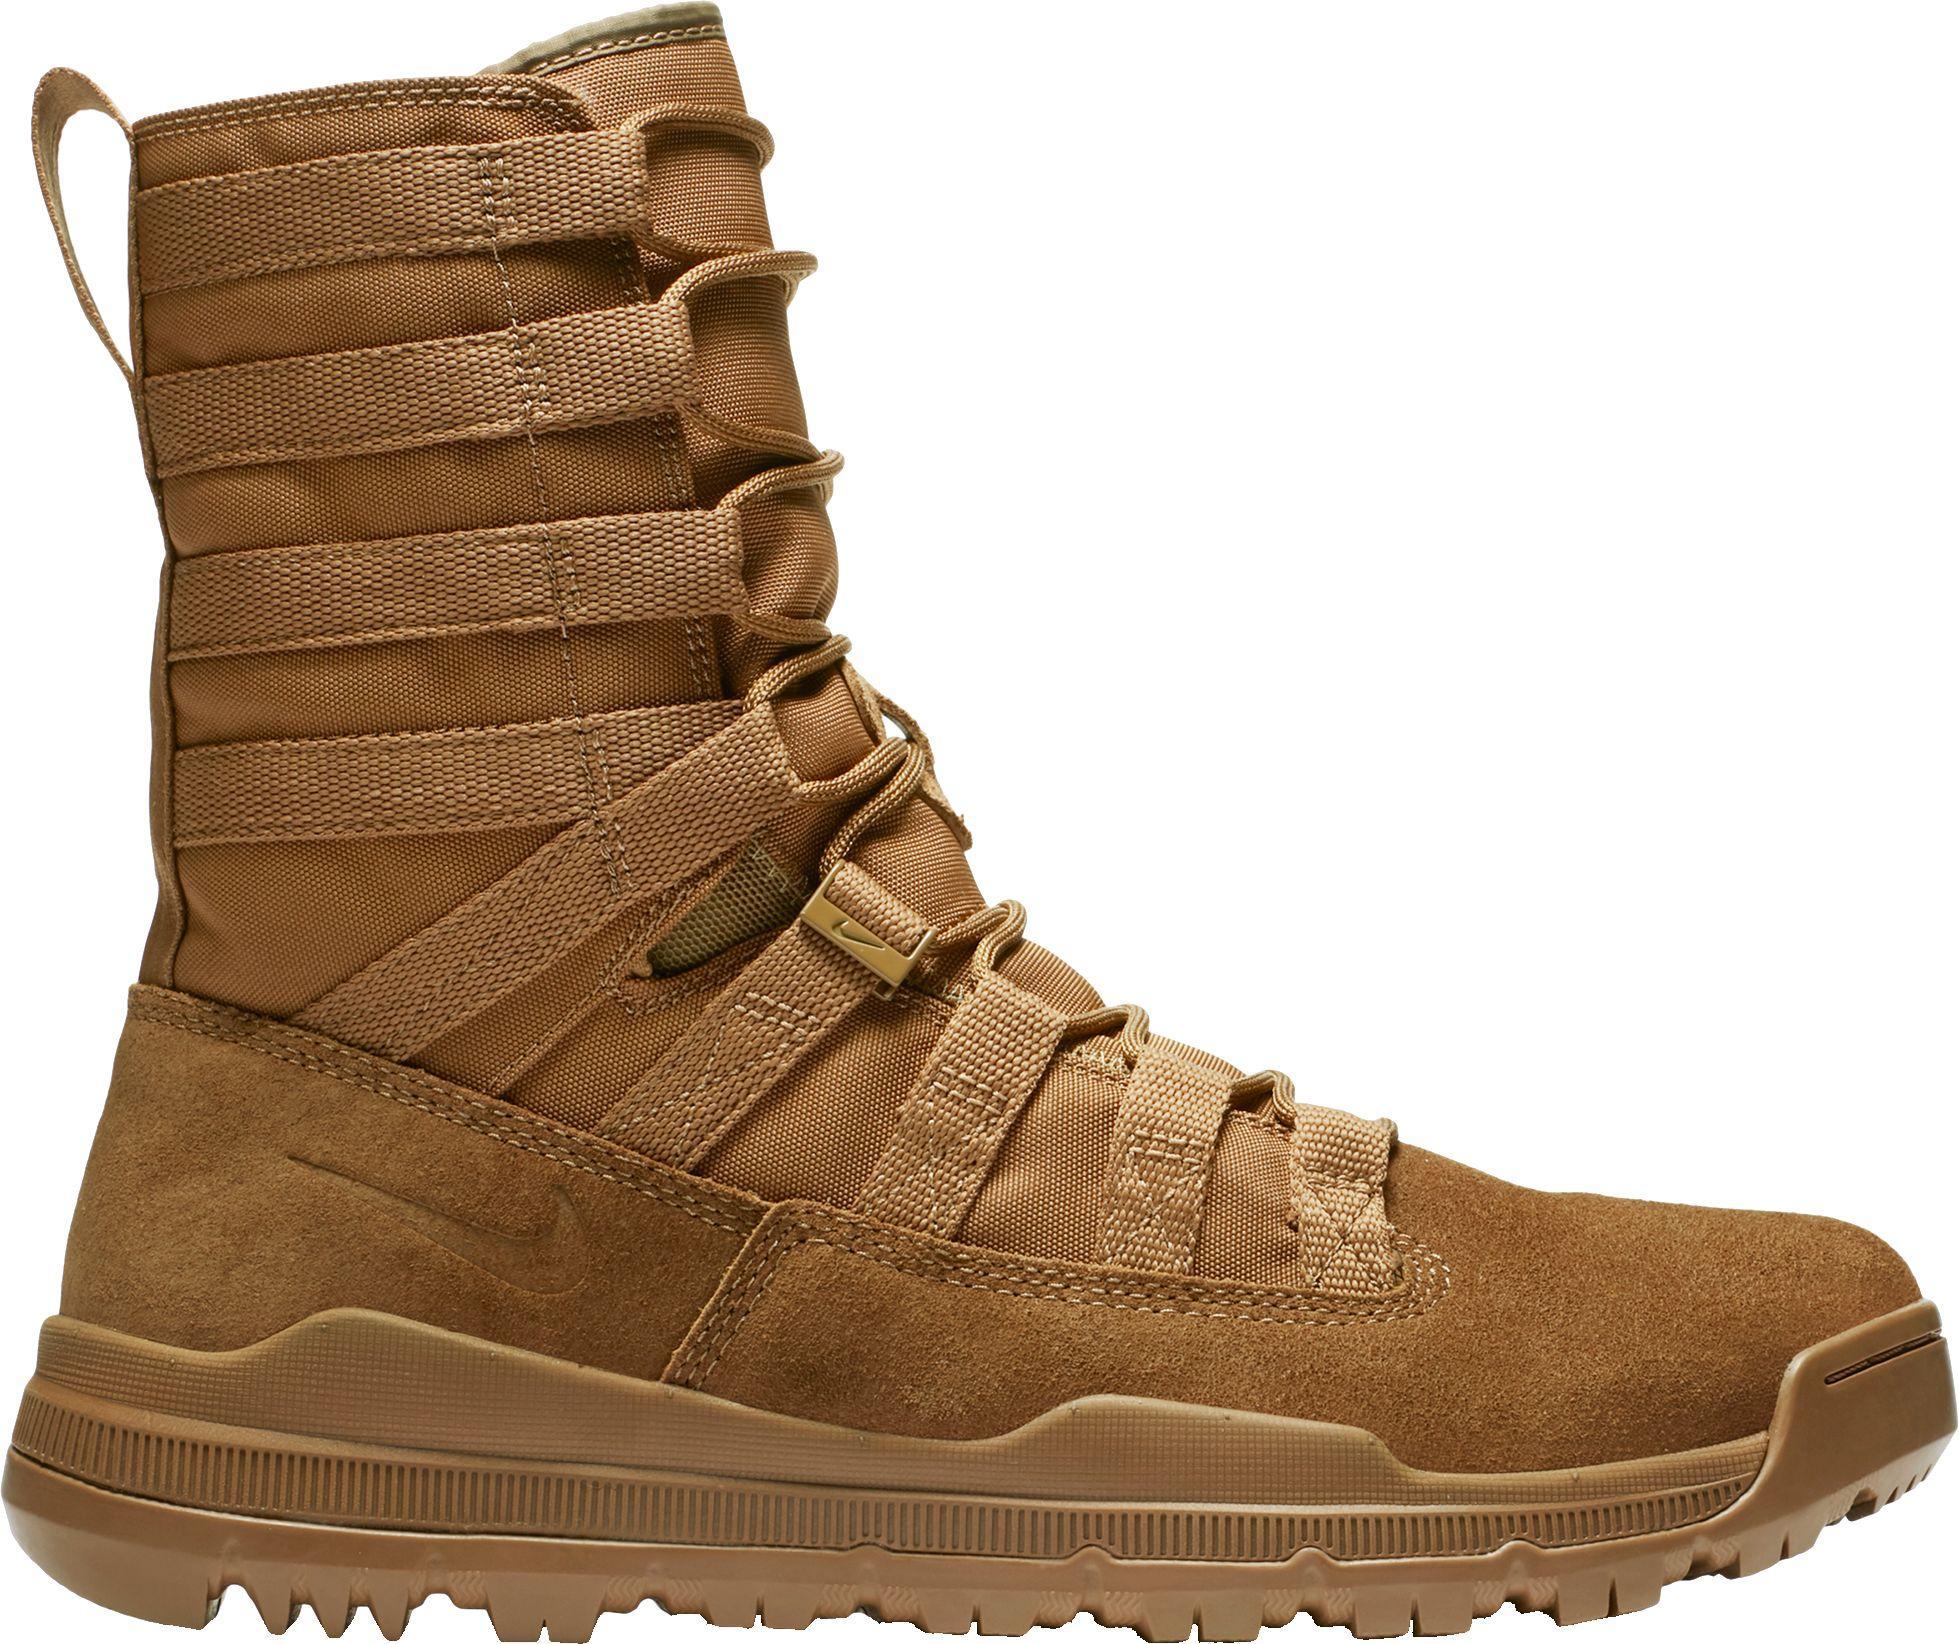 newest bdea9 ead32 Nike. Brown Sfb Field 8